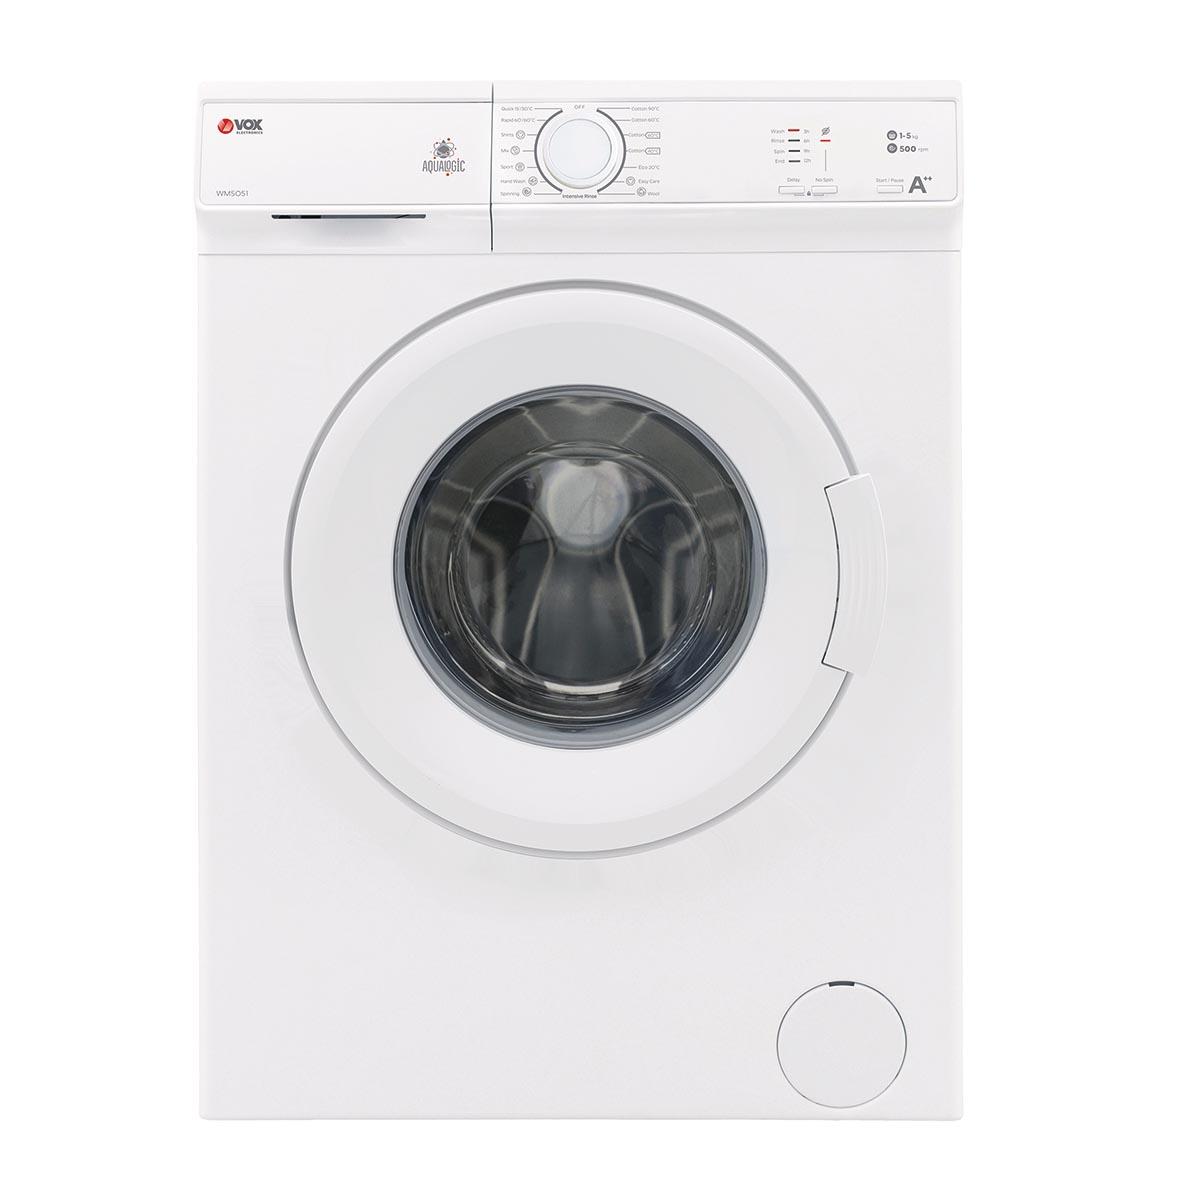 VOX Mašina za pranje veša WM 5051 - Cool Shop